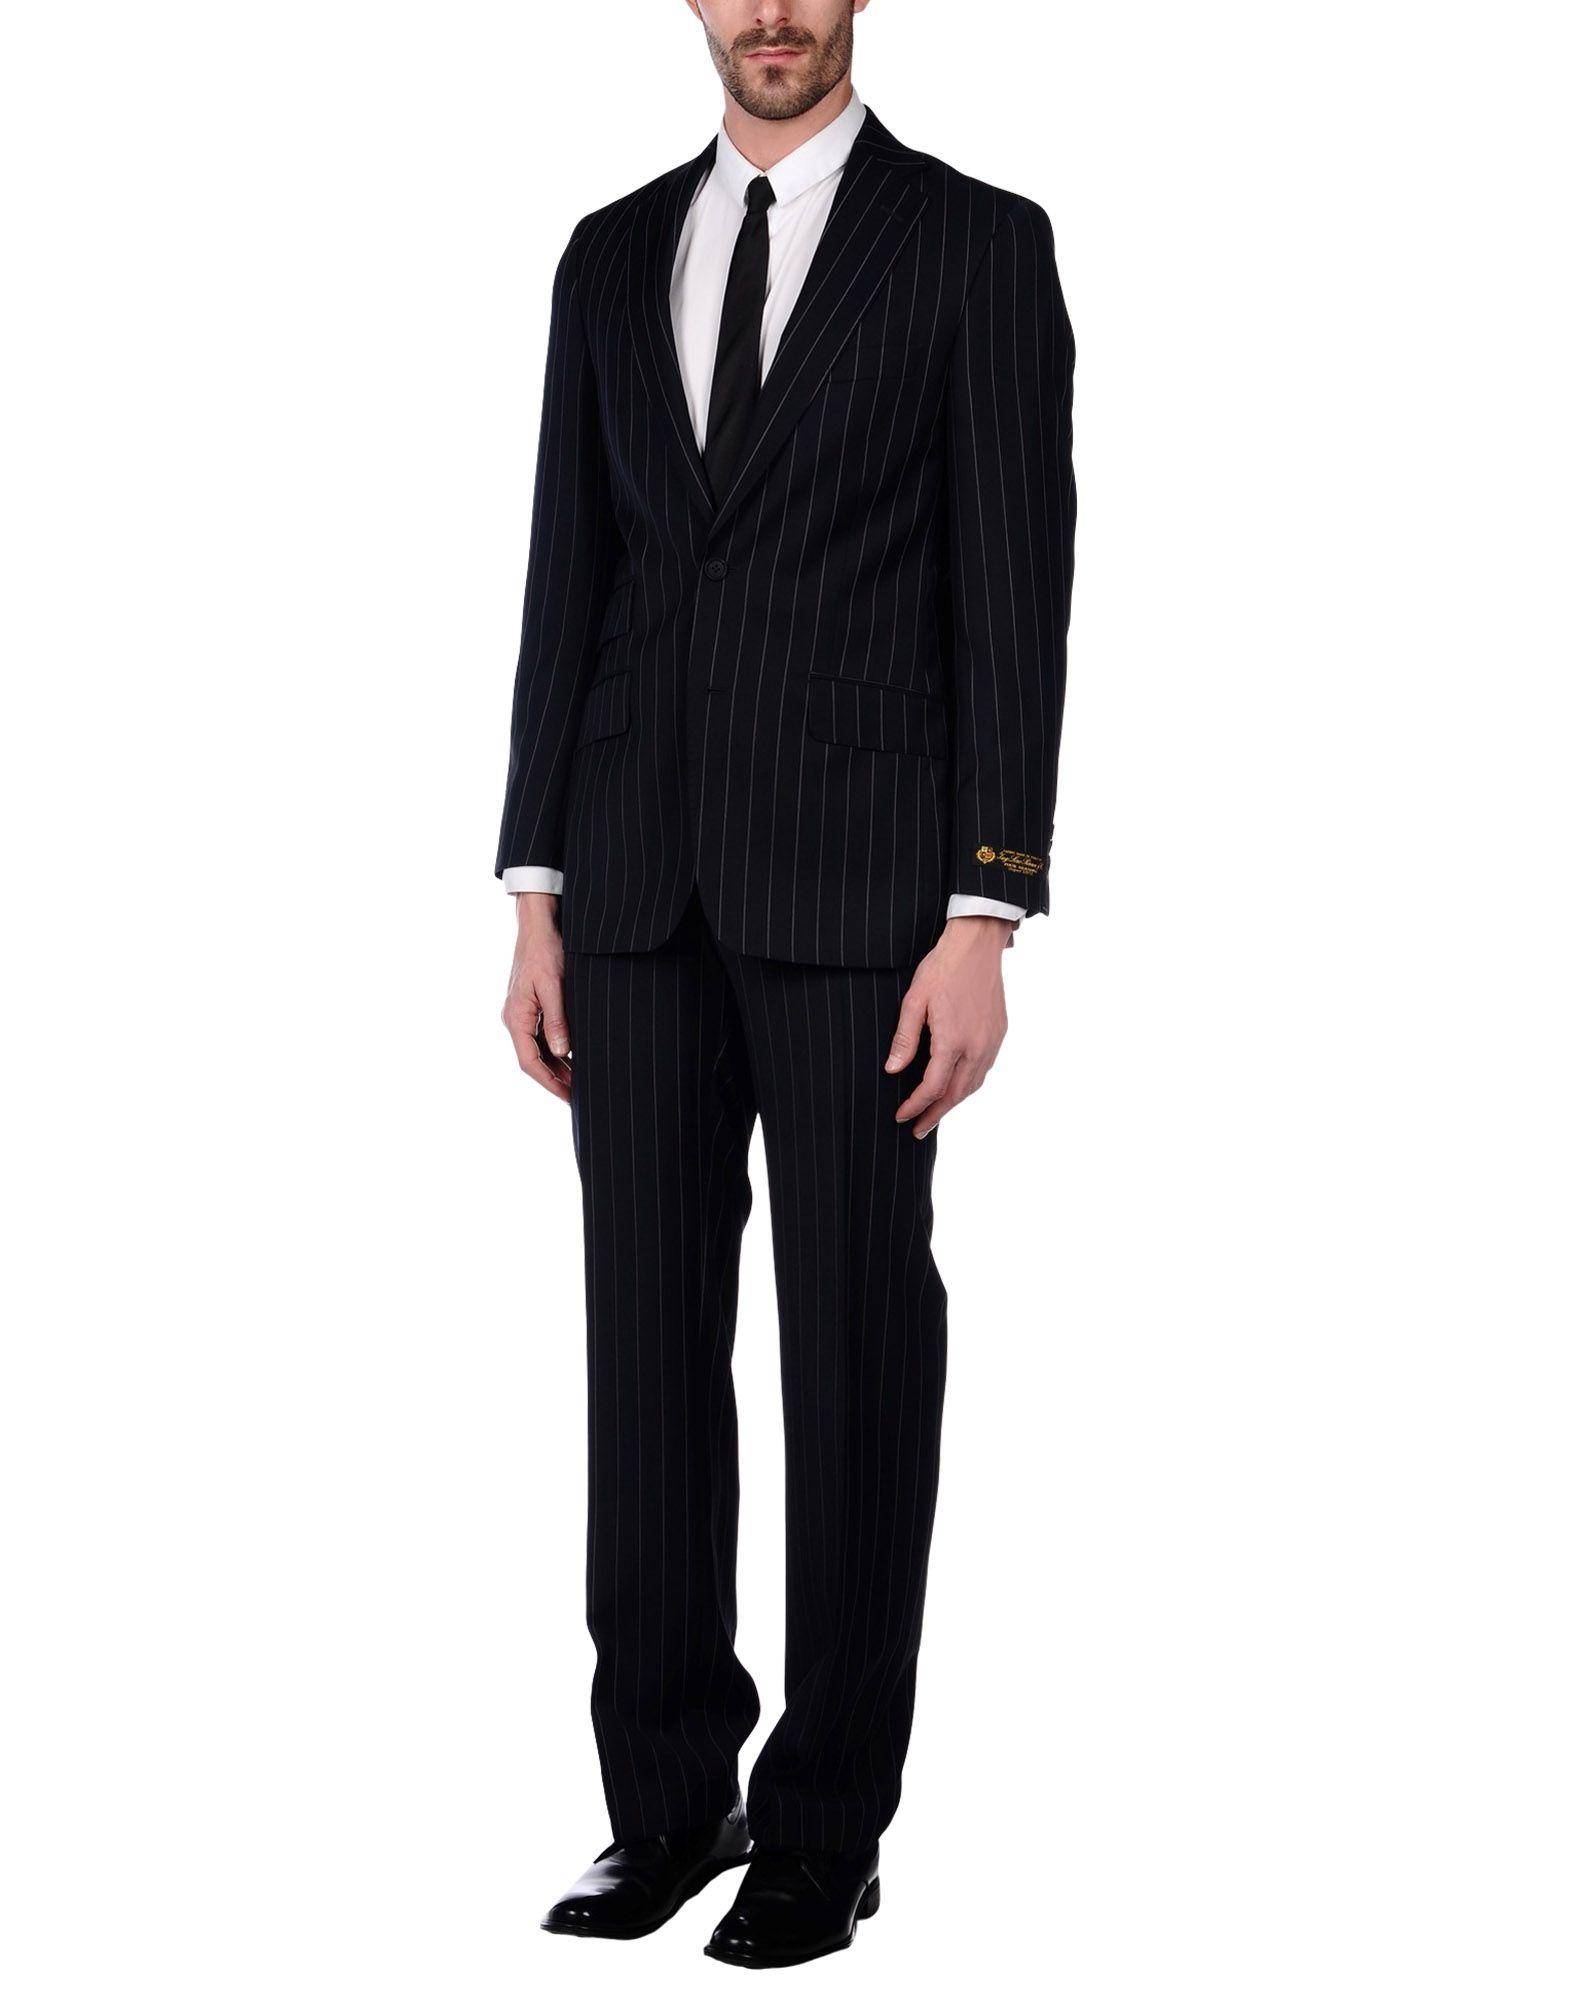 《送料無料》HENRY JERMYN メンズ スーツ ダークブルー 36 R ポリエステル 55% / ウール 45%